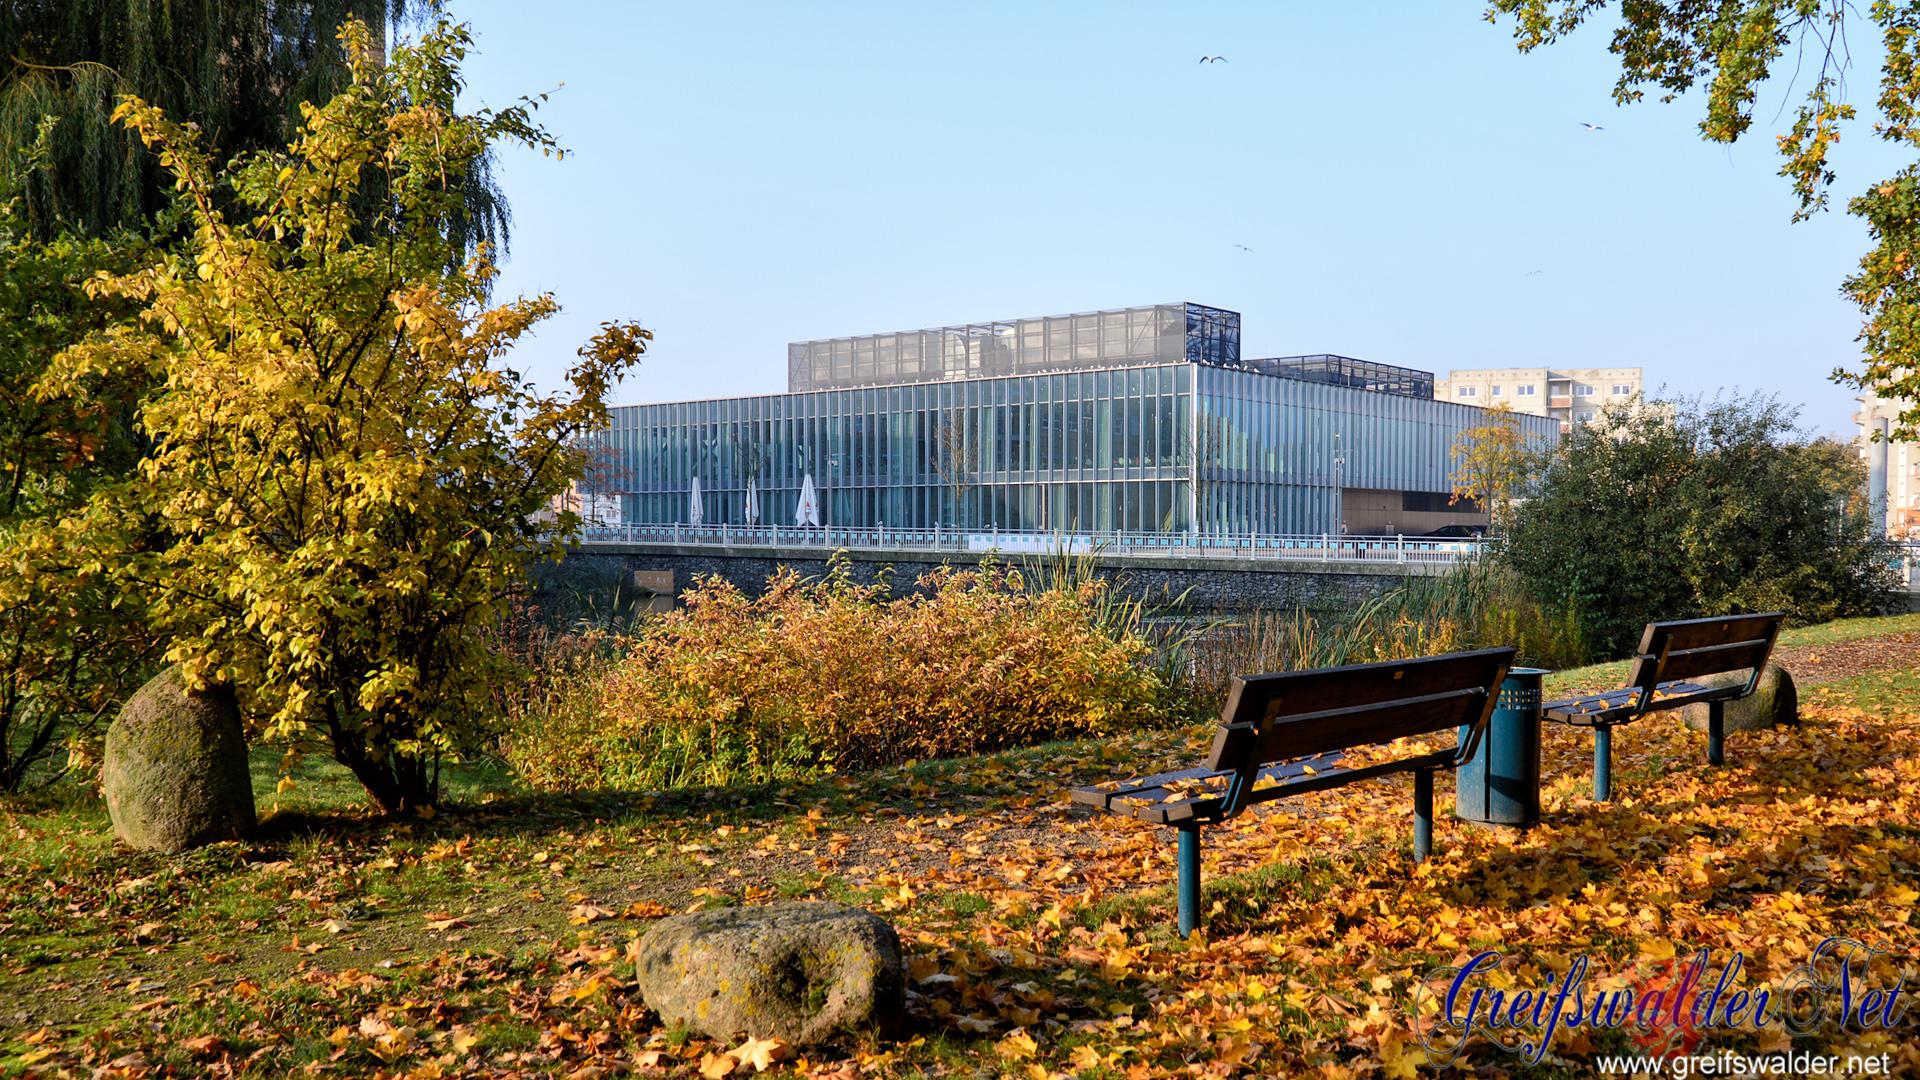 Herbst am Berthold-Beitz-Platz in Greifswald